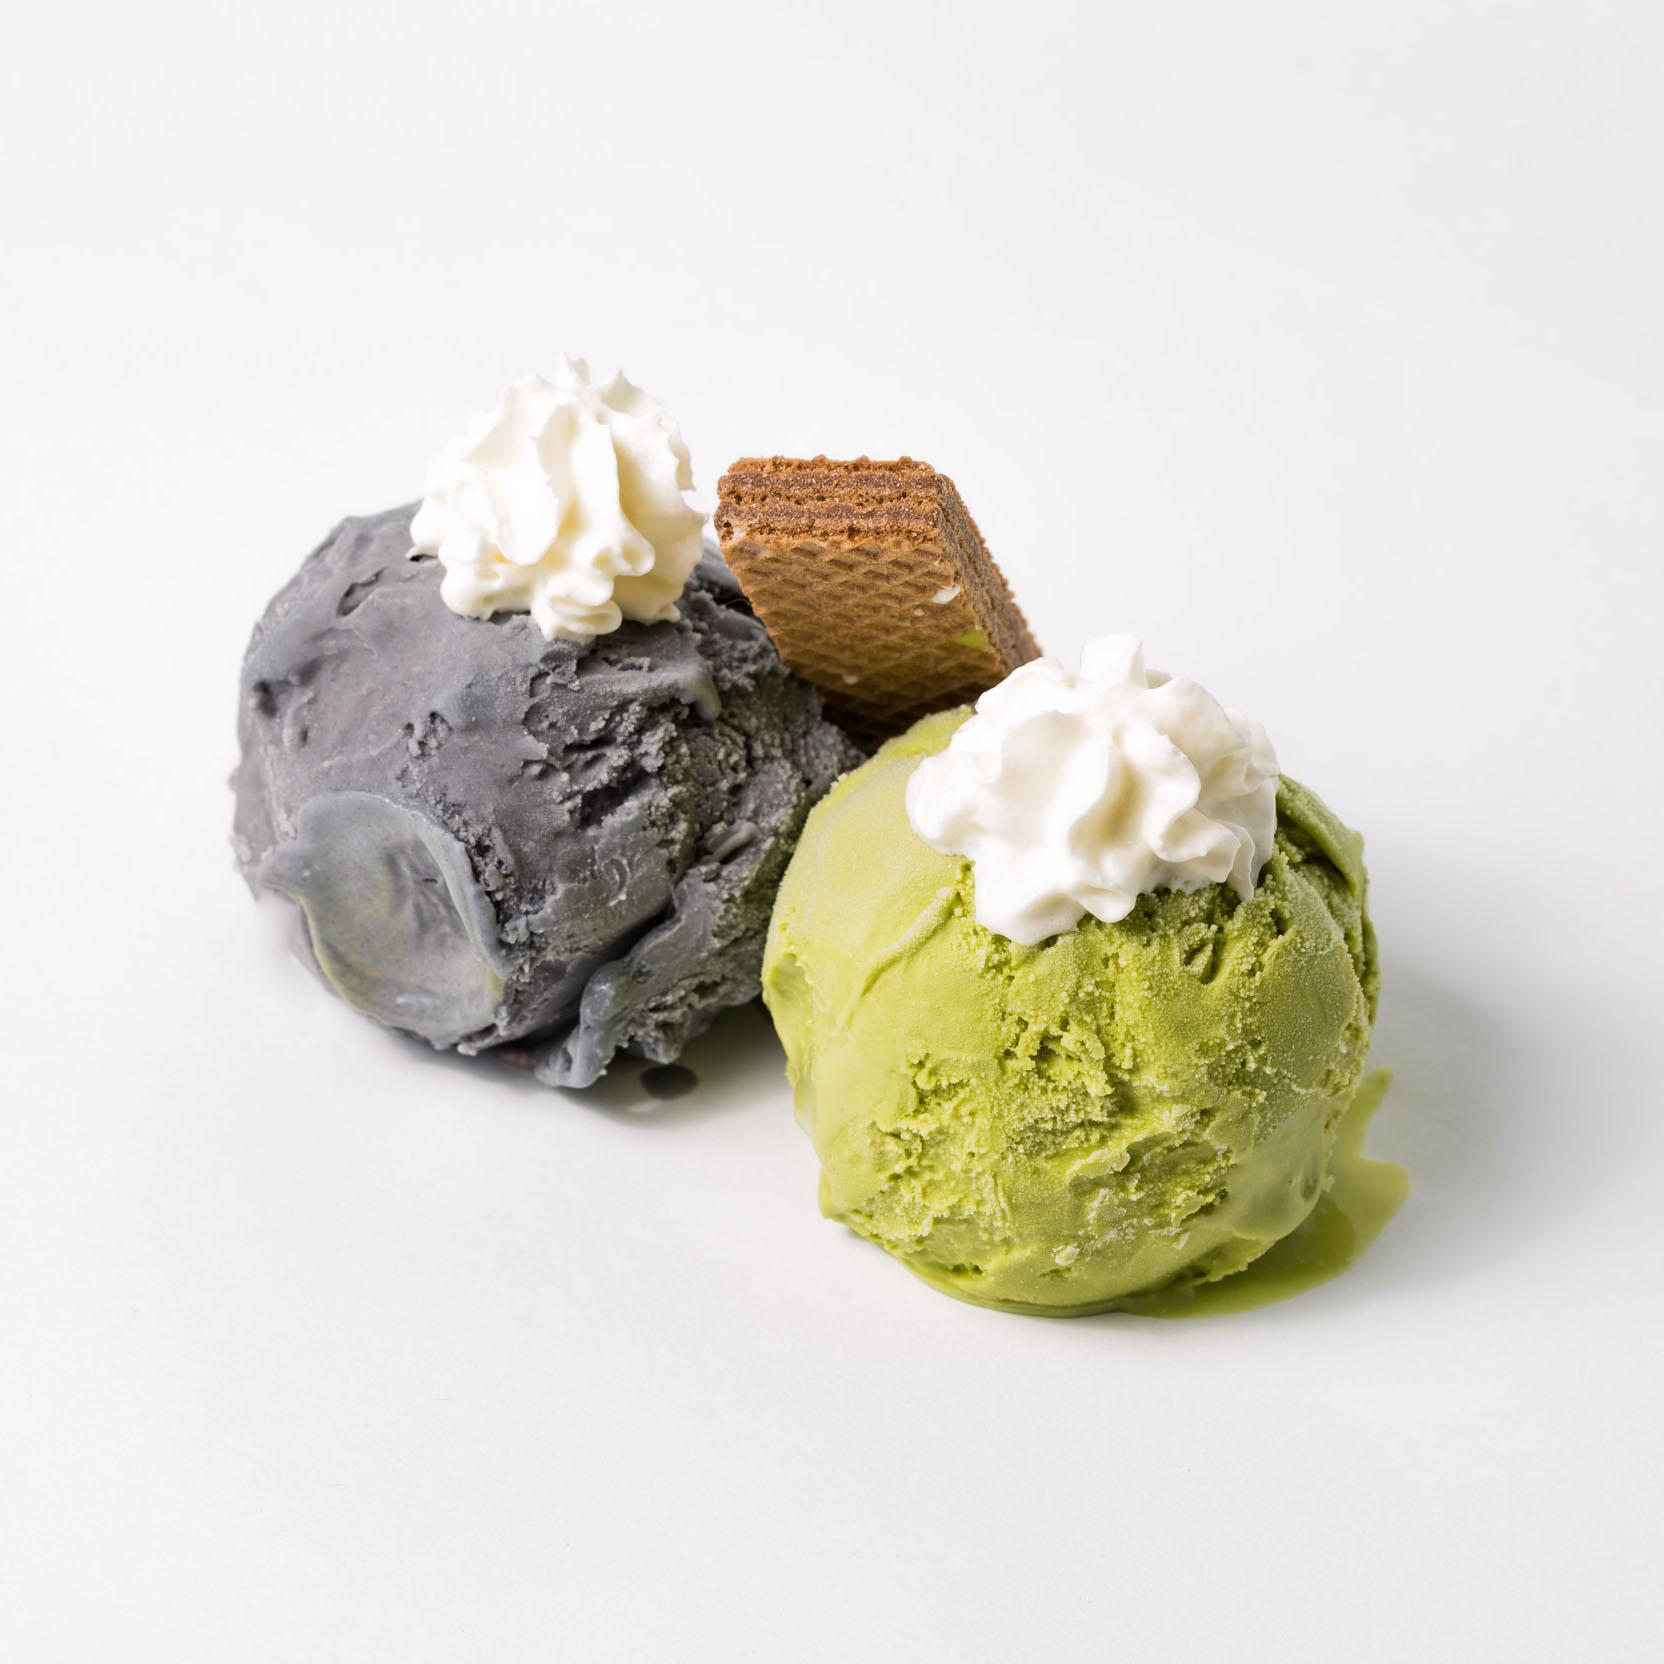 Mixed Ice Cream